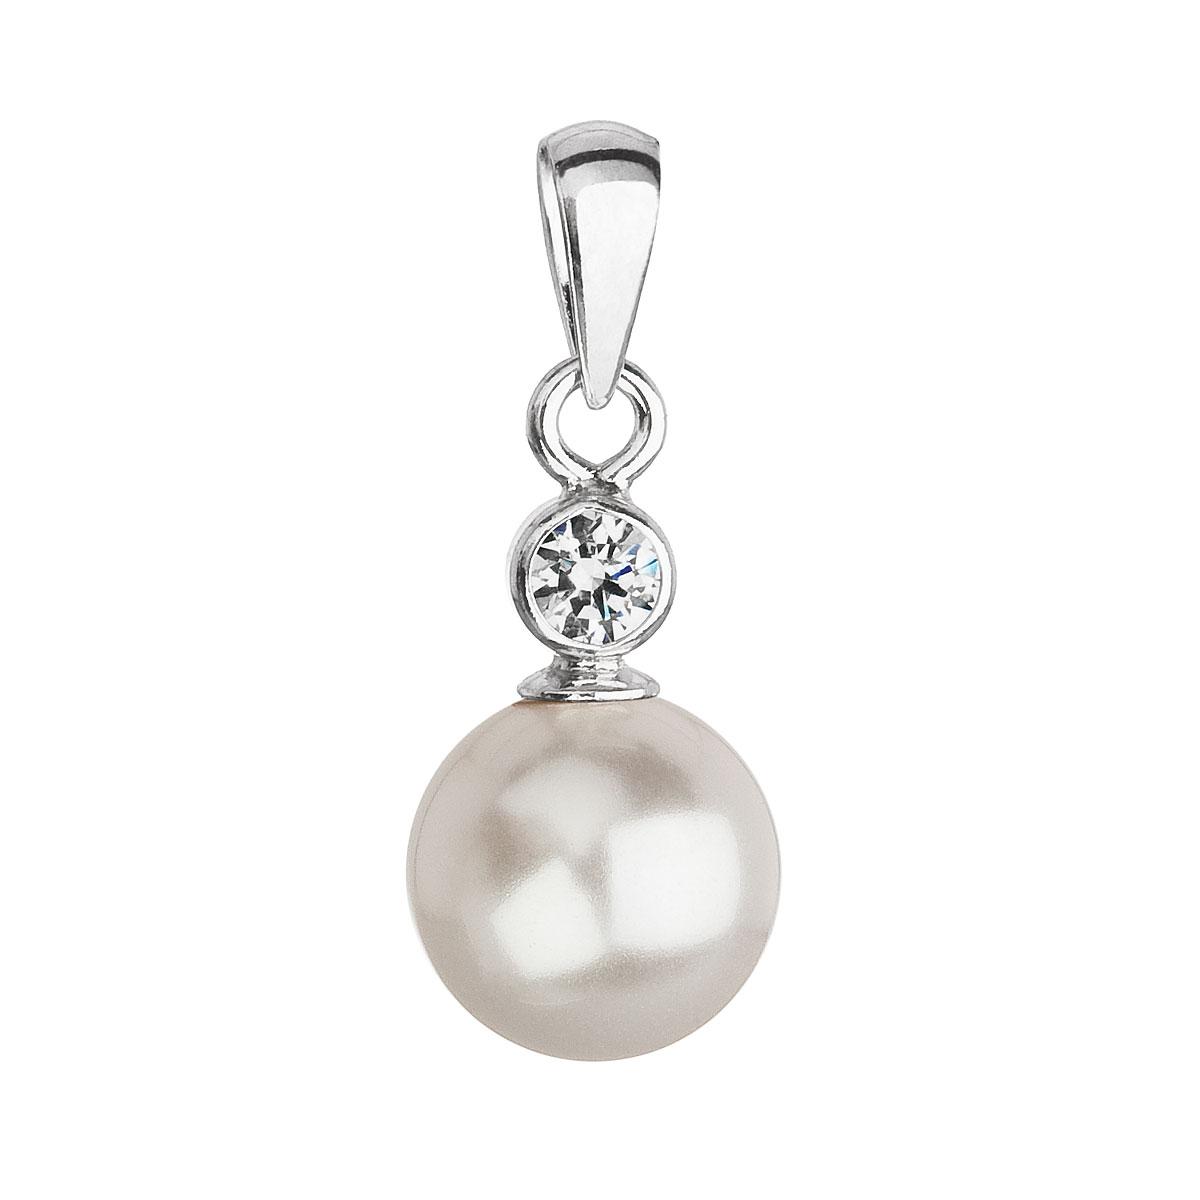 Strieborný prívesok s krištálom Swarovski a bielou okrúhlou perlou 34201.1